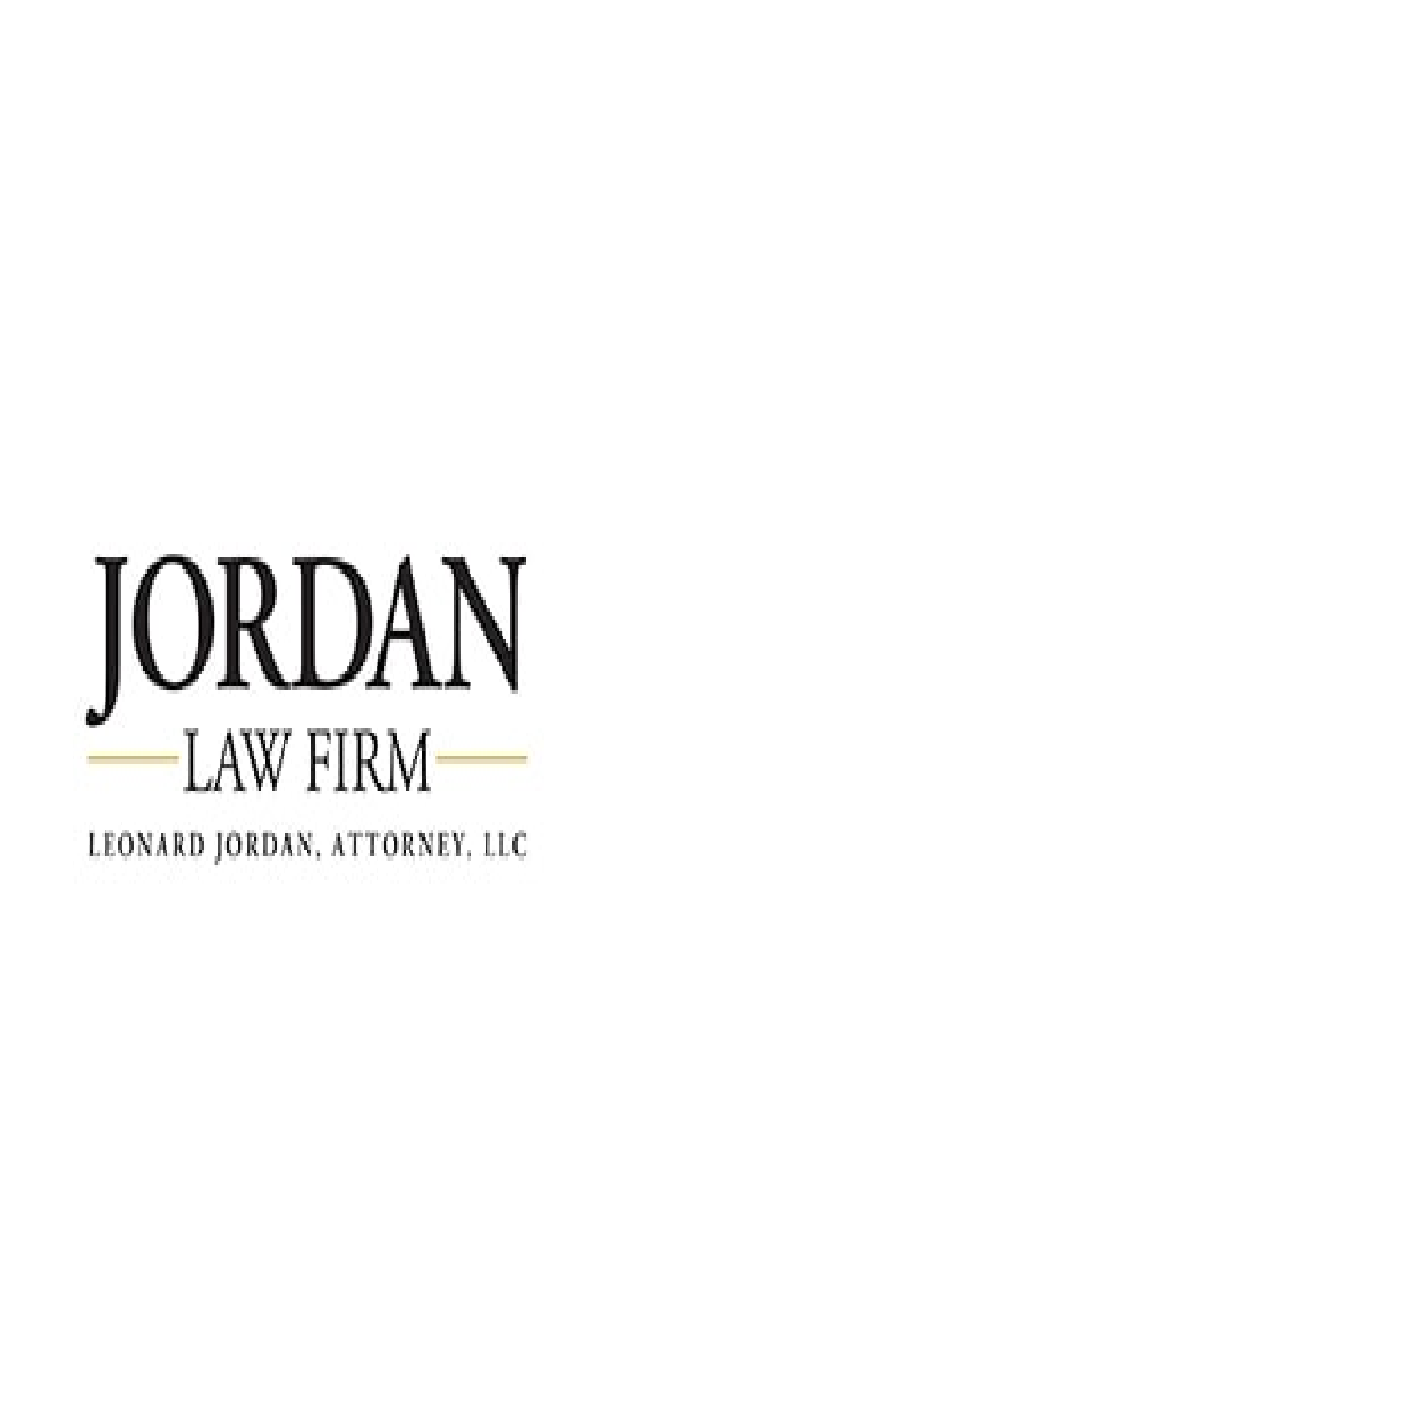 Jordan Law Firm